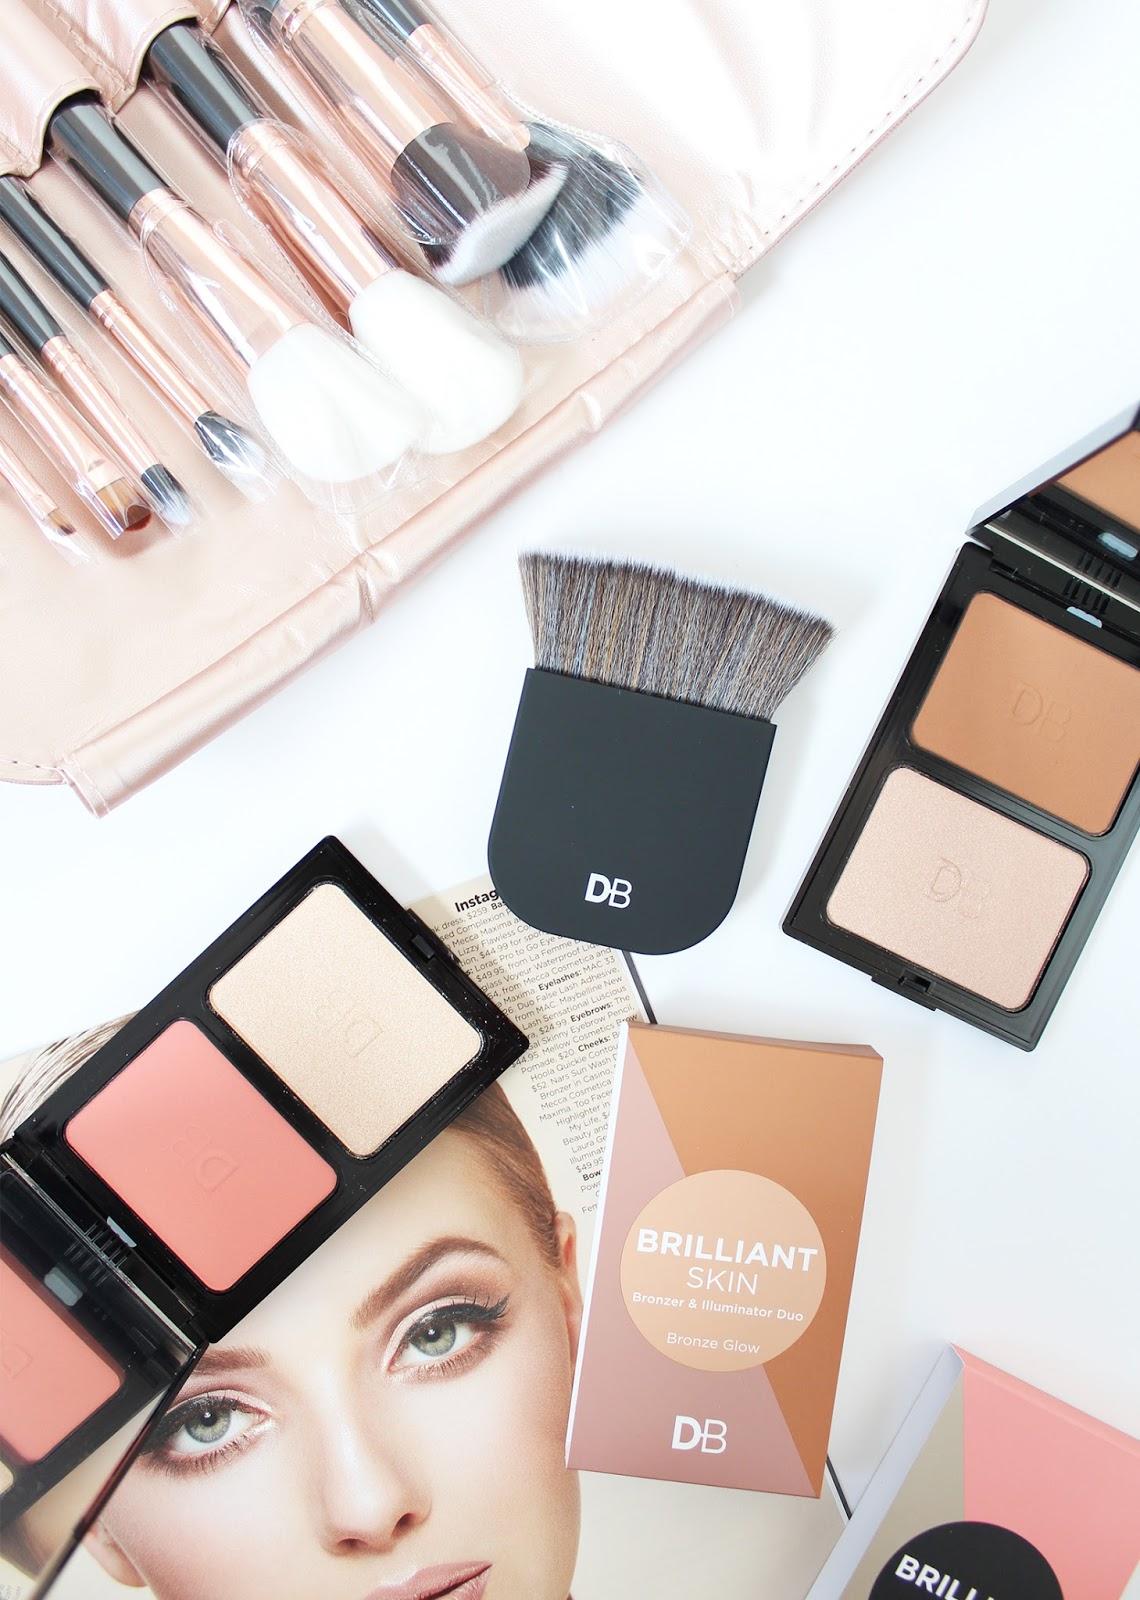 DESIGNER BRANDS | Rose Gold Brush Set + Brilliant Skin Palettes - CassandraMyee